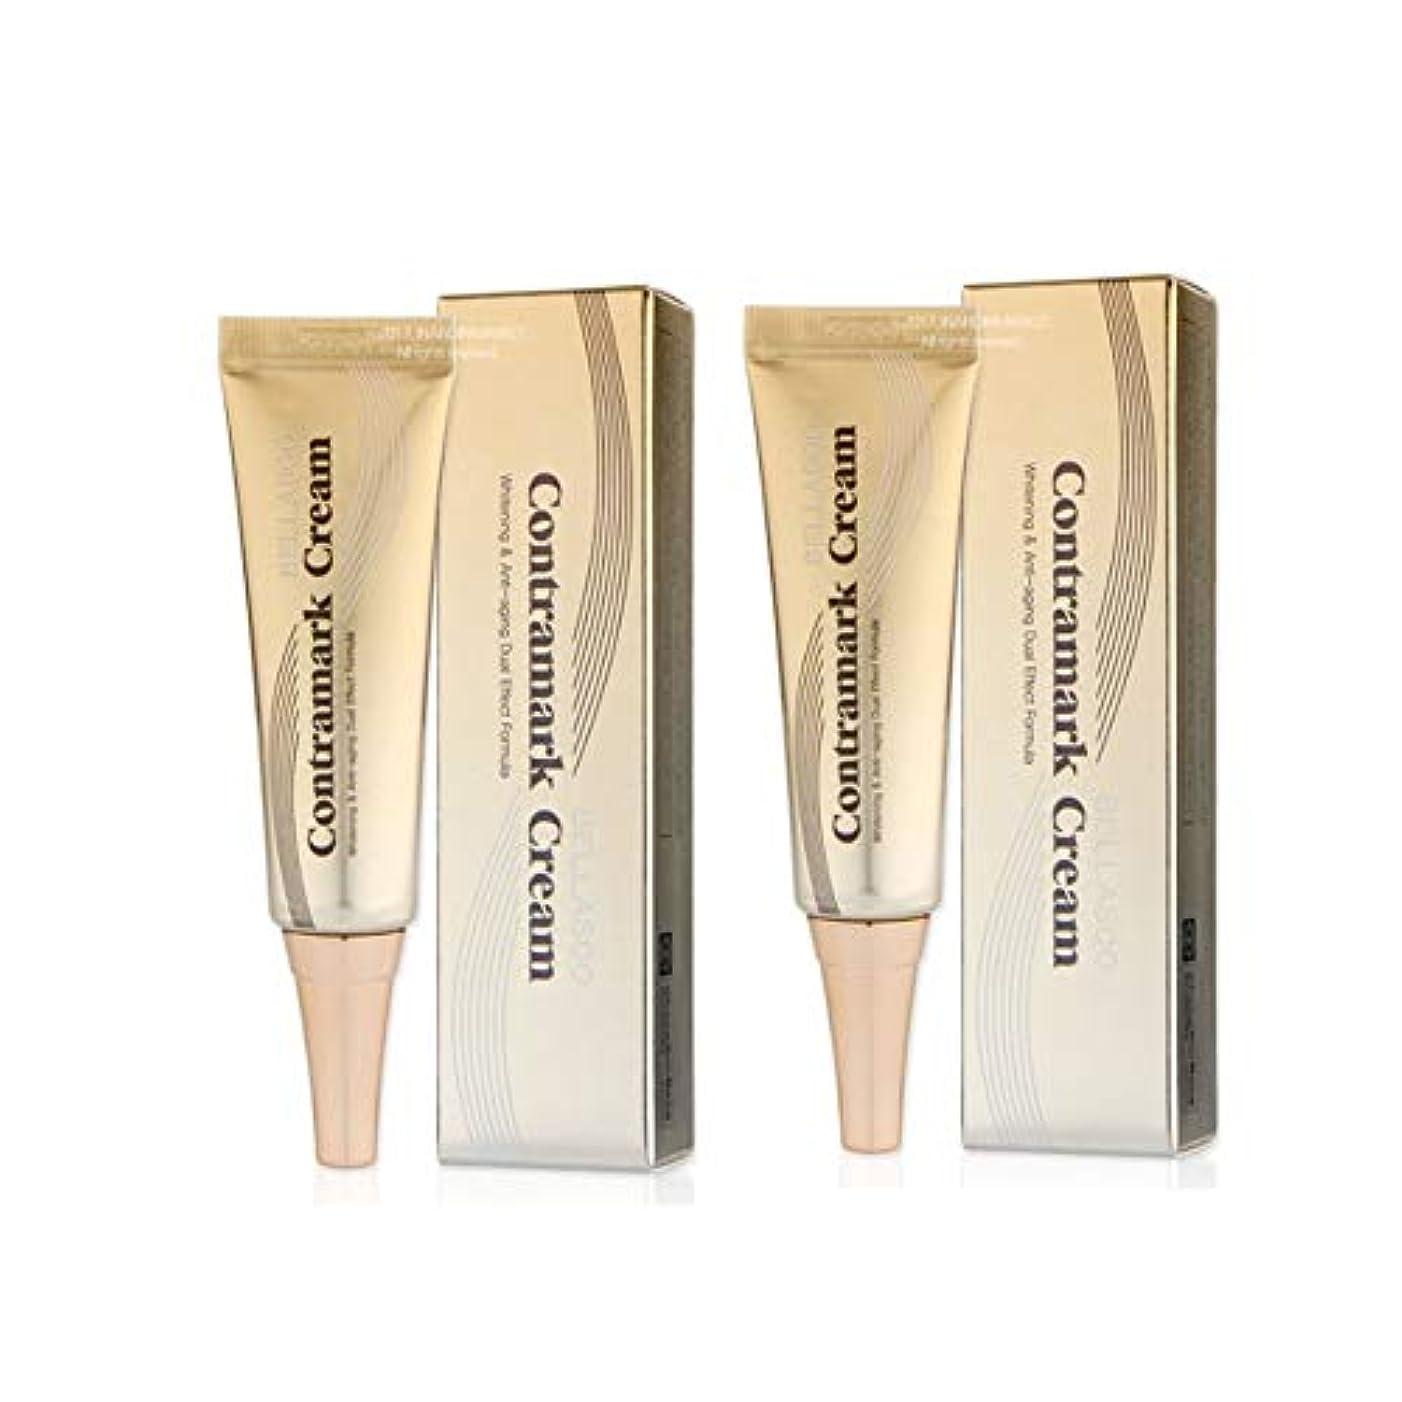 猛烈な小切手酸化する鍾根堂ベラシュコントラマーククリーム20gx2本セットシミ?ソバカス韓国コスメ、Chong Kun Dang Bellasoo Contramark Cream 20g x 2ea Set Melasma Cream Korean Cosmetics [並行輸入品]